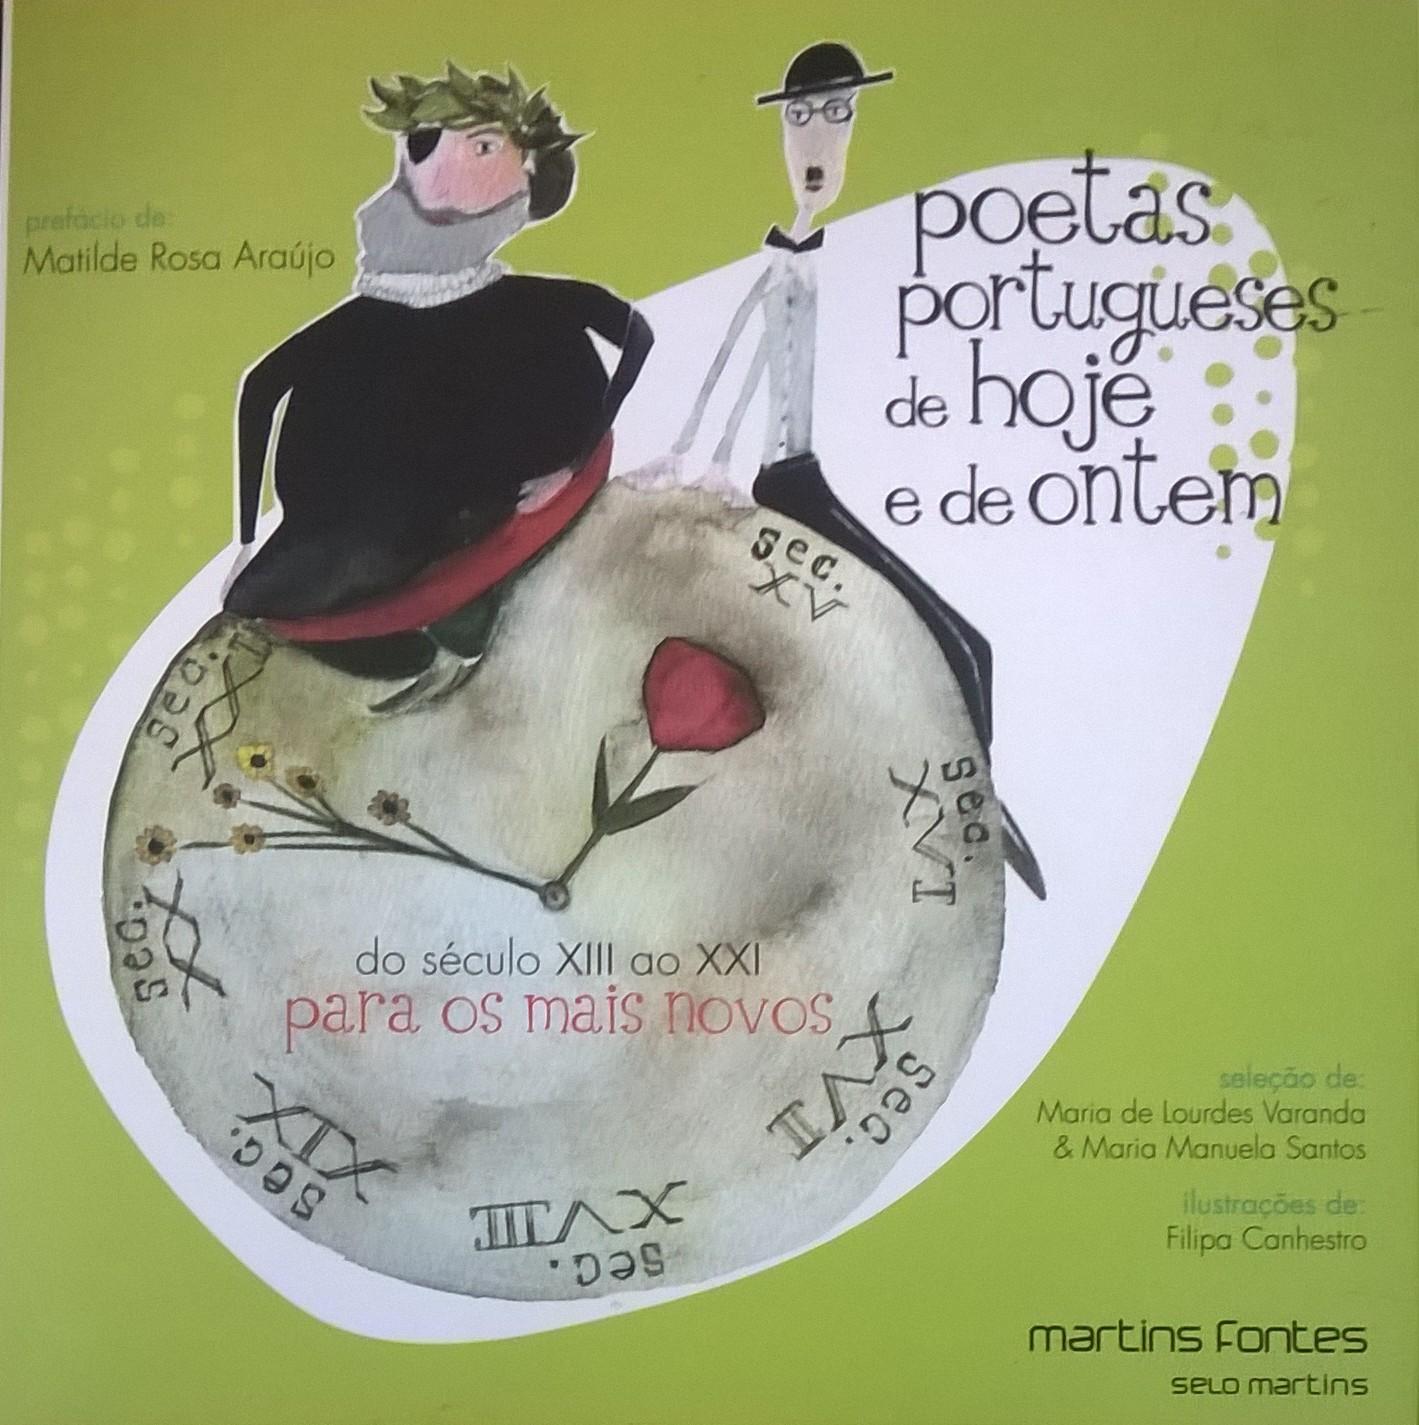 Poetas portugueses de hoje e de ontem – do século XIII ao XIII para os mais novos